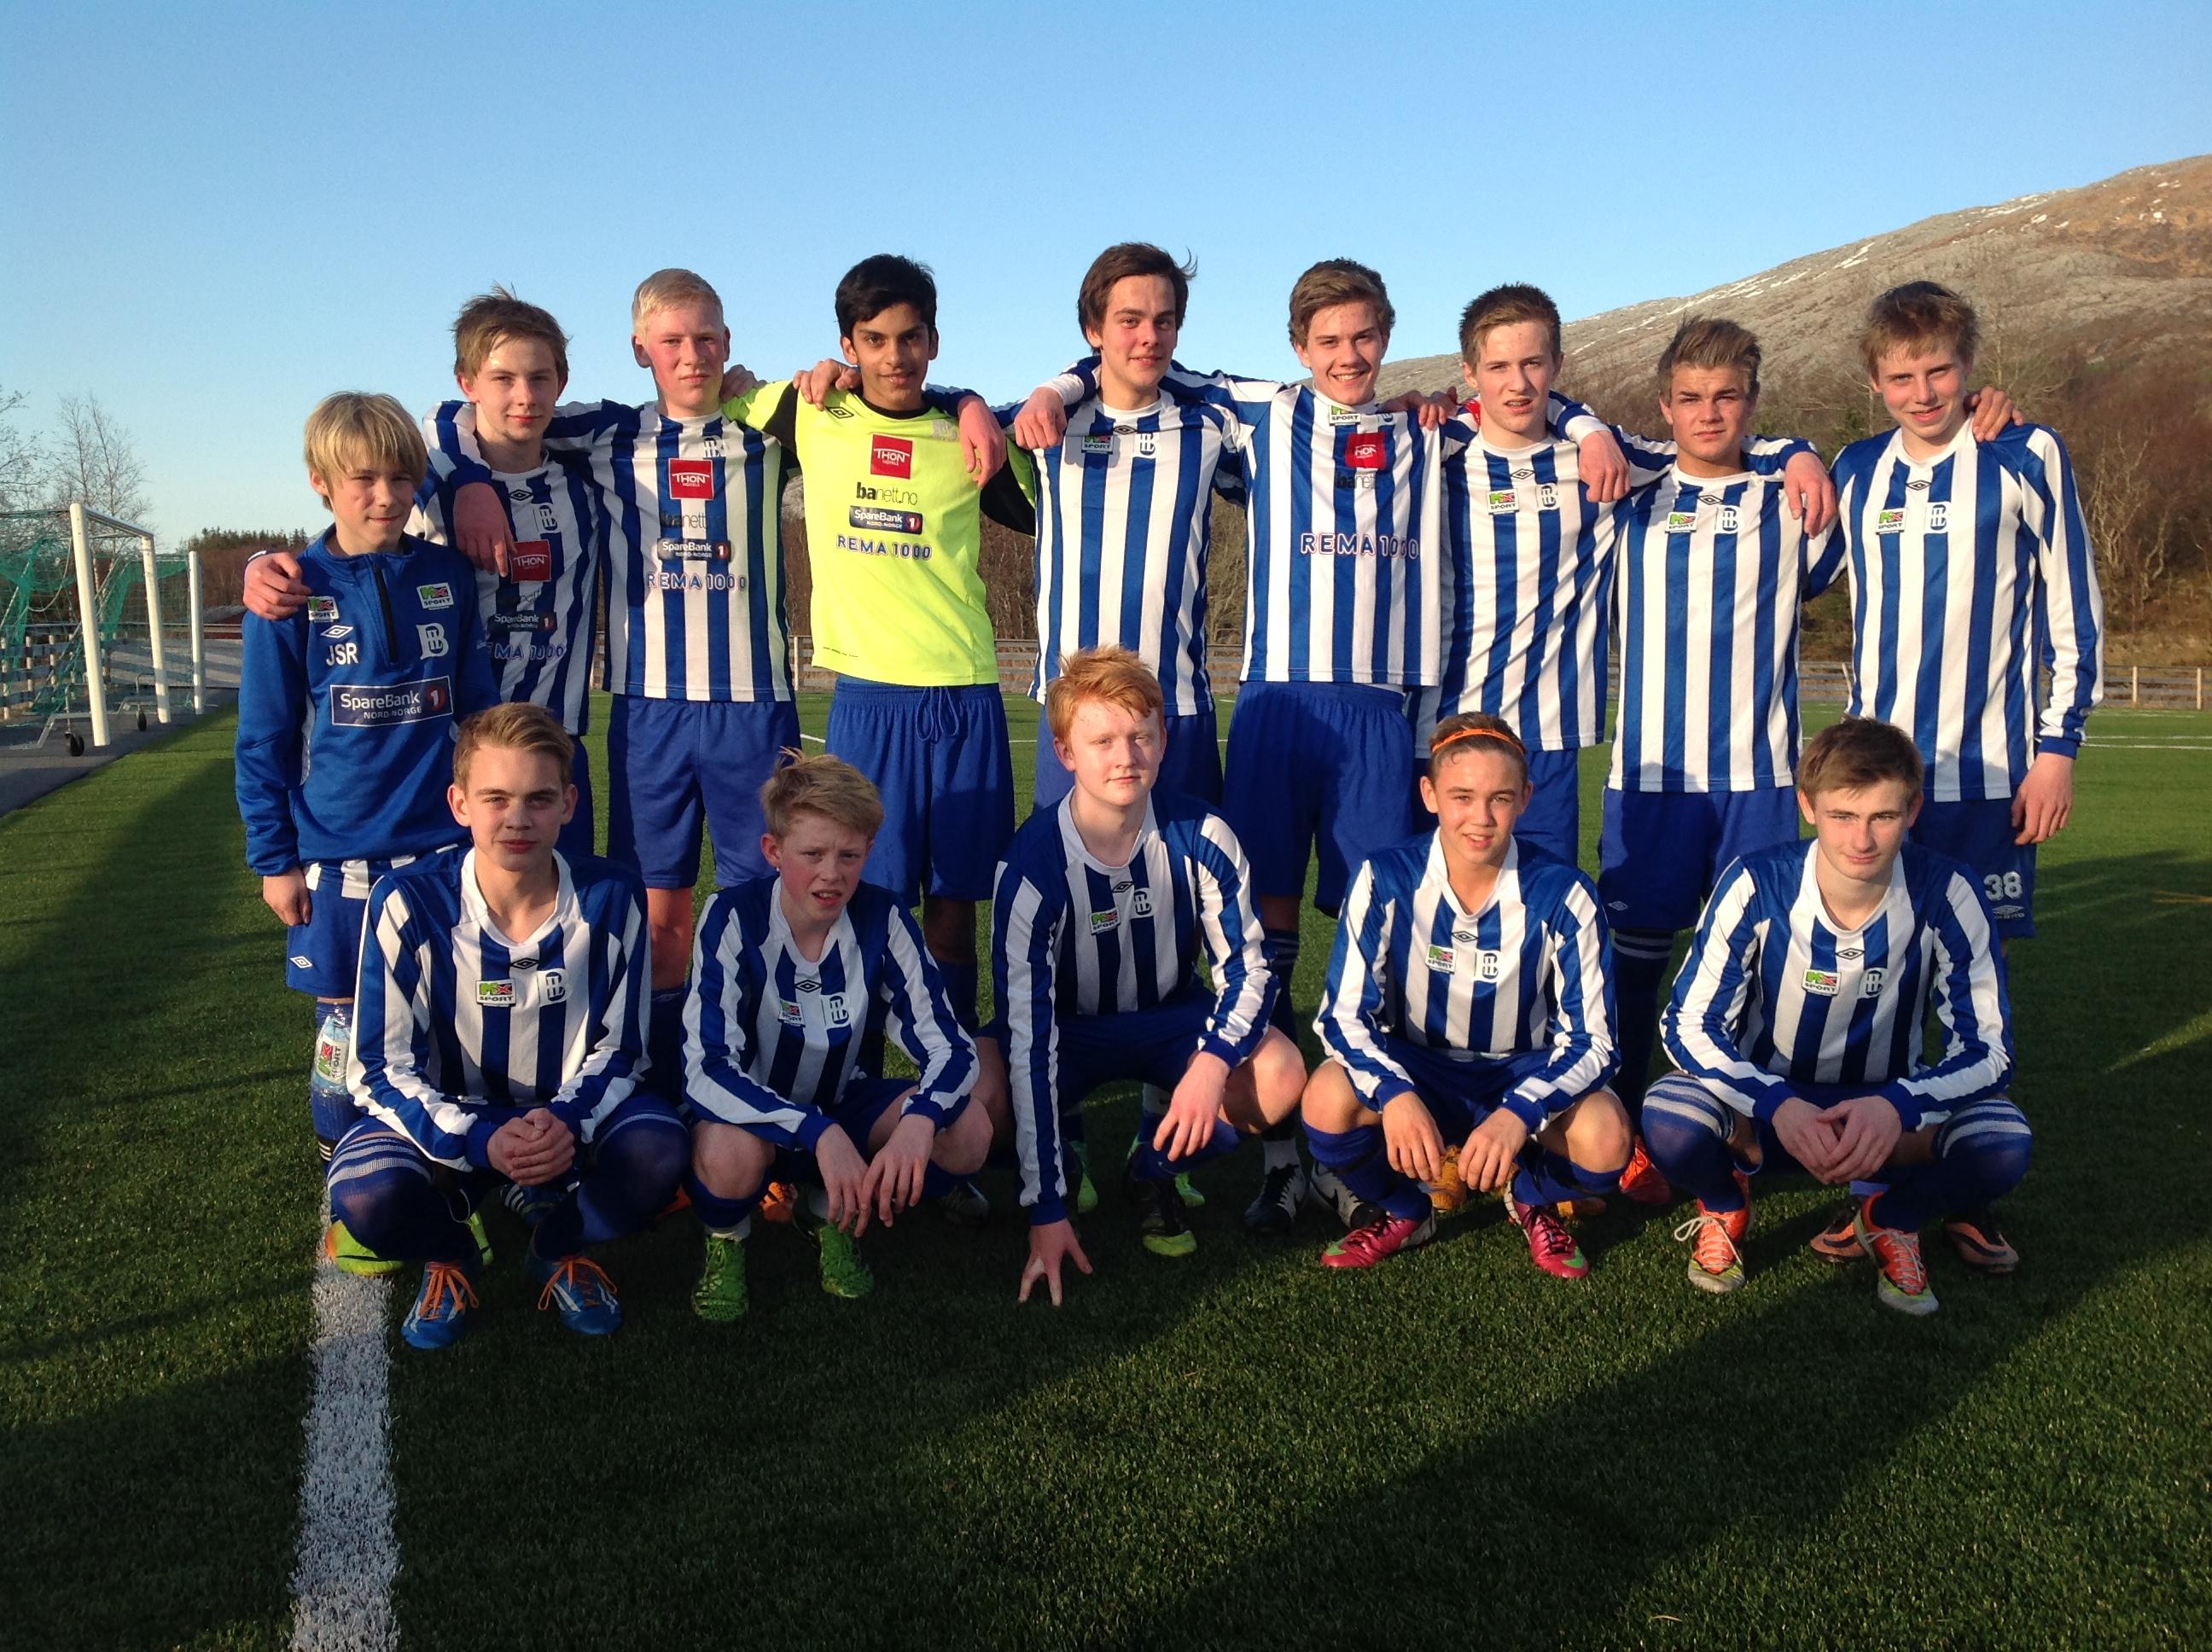 Sandnessjøen il fotball